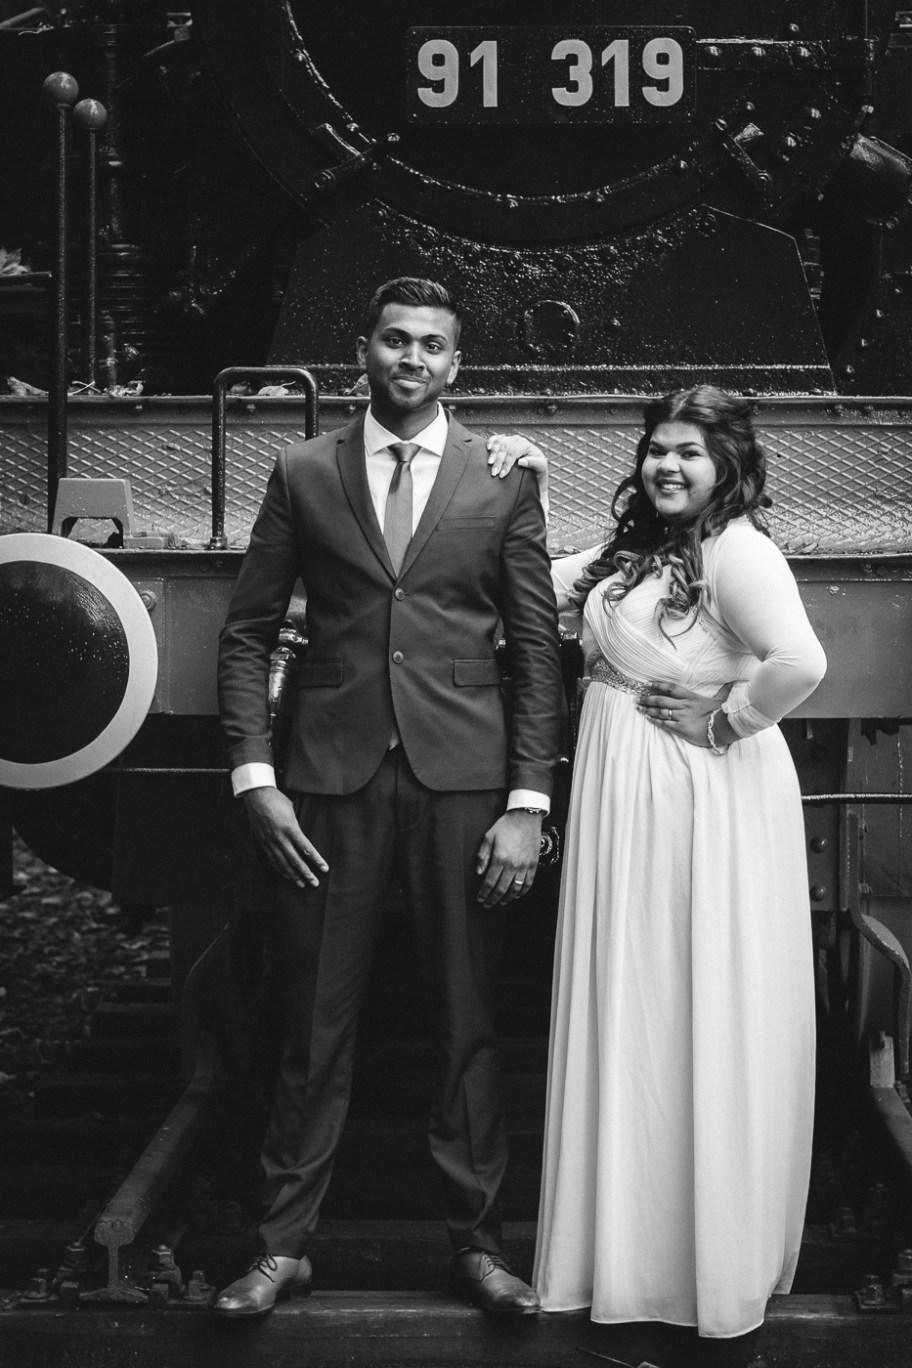 Hochzeitsfotograf Hochzeitsfotos Hochzeitsbilder Hochzeit Paarshooting Hochzeitsshooting Paarfotos Brautpaarfotos Brautpaarshooting Brautpaar Fotograf Münster Münsterland NRW Westfalen